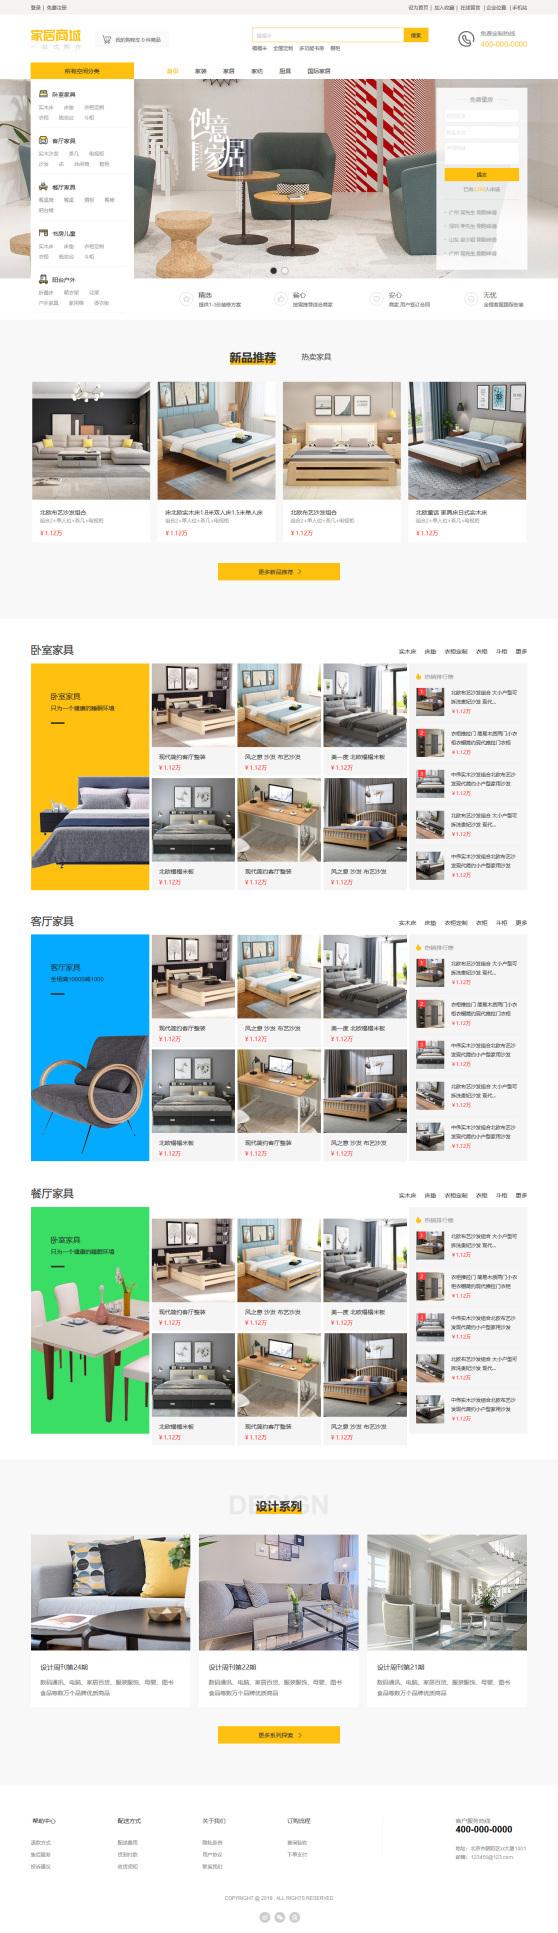 创意家居家具在线商城模板